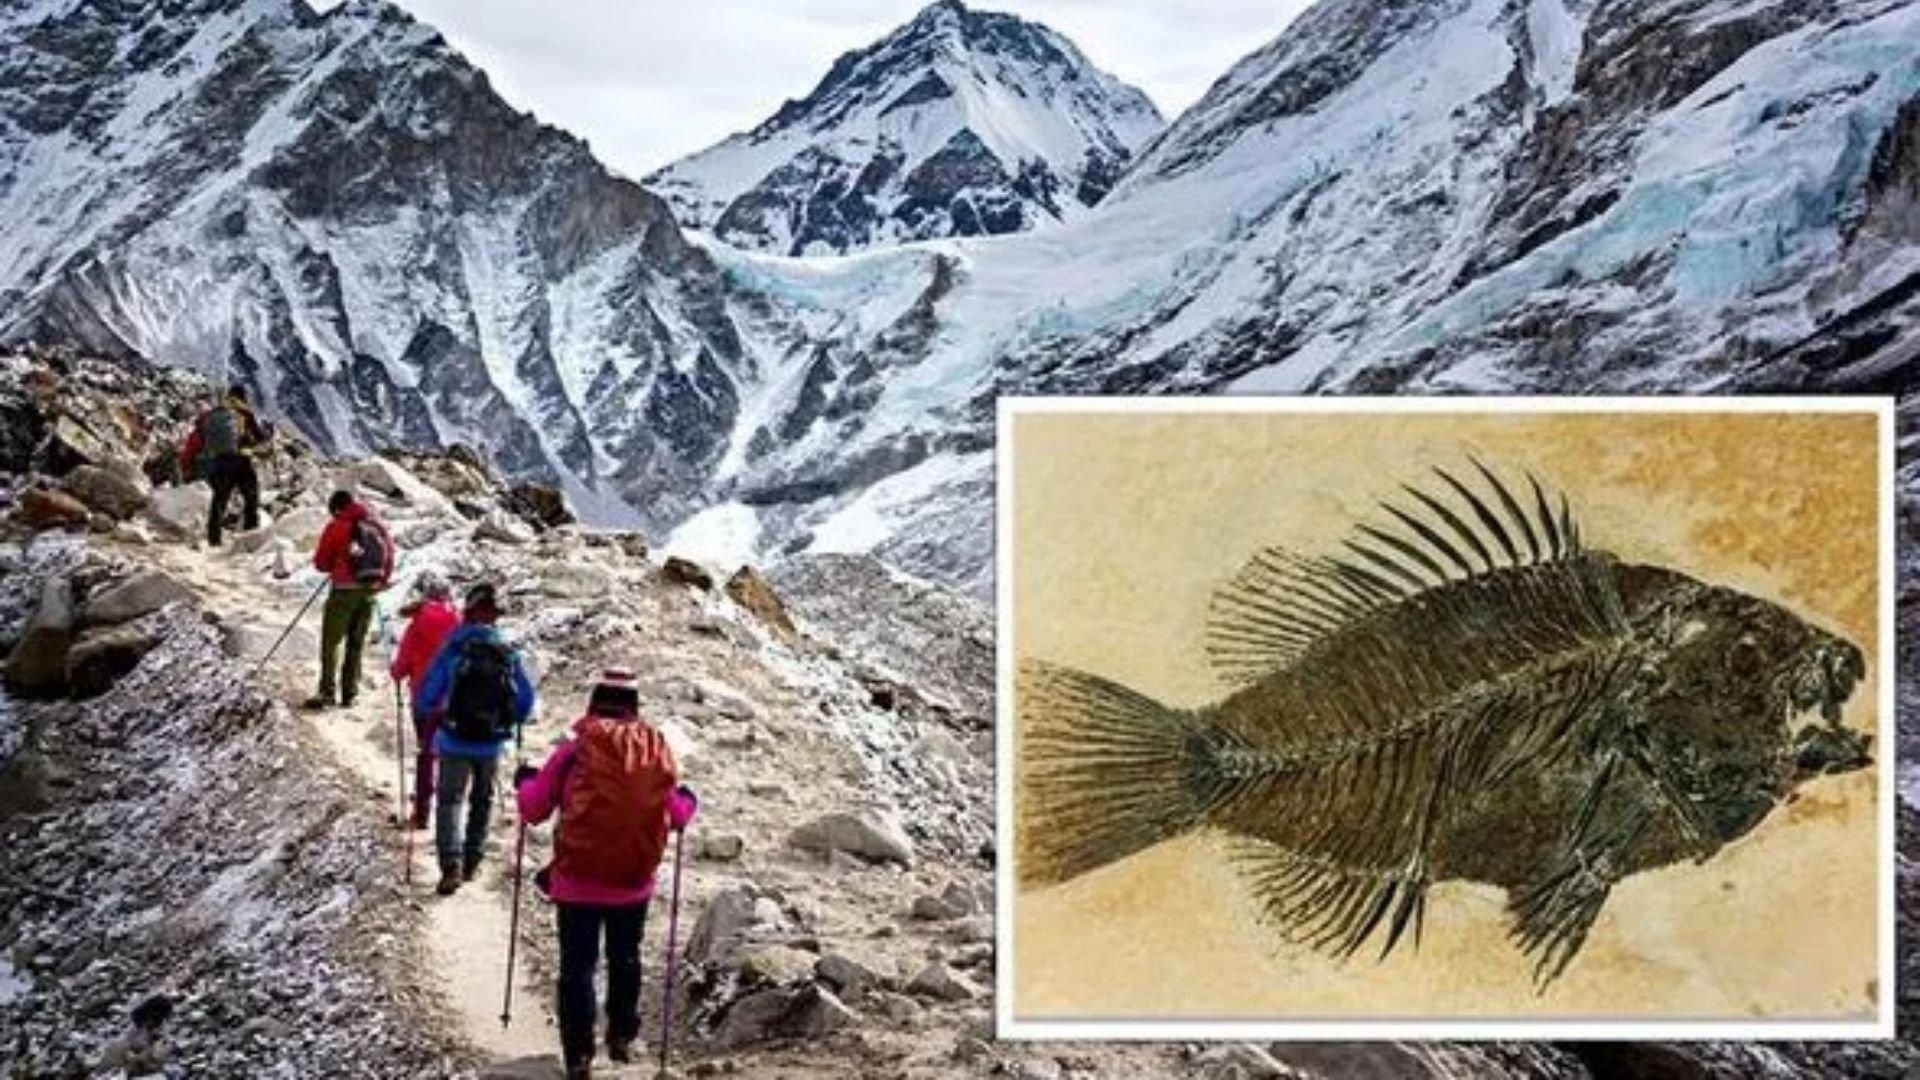 Fósseis marinhos encontrados no topo do monte Everest podem ser a prova do dilúvio bíblico